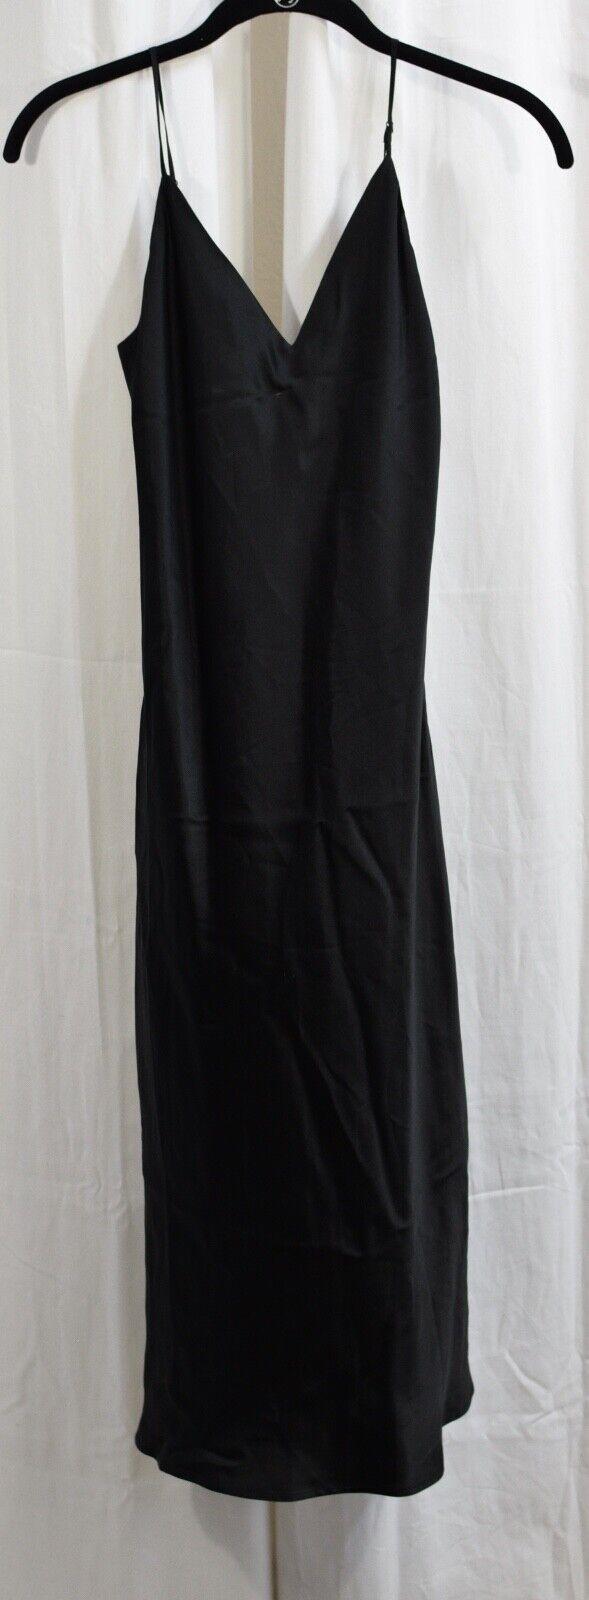 L 'Agence para mujer Vestido  de Seda Jodie Negro Talla 0  saludable